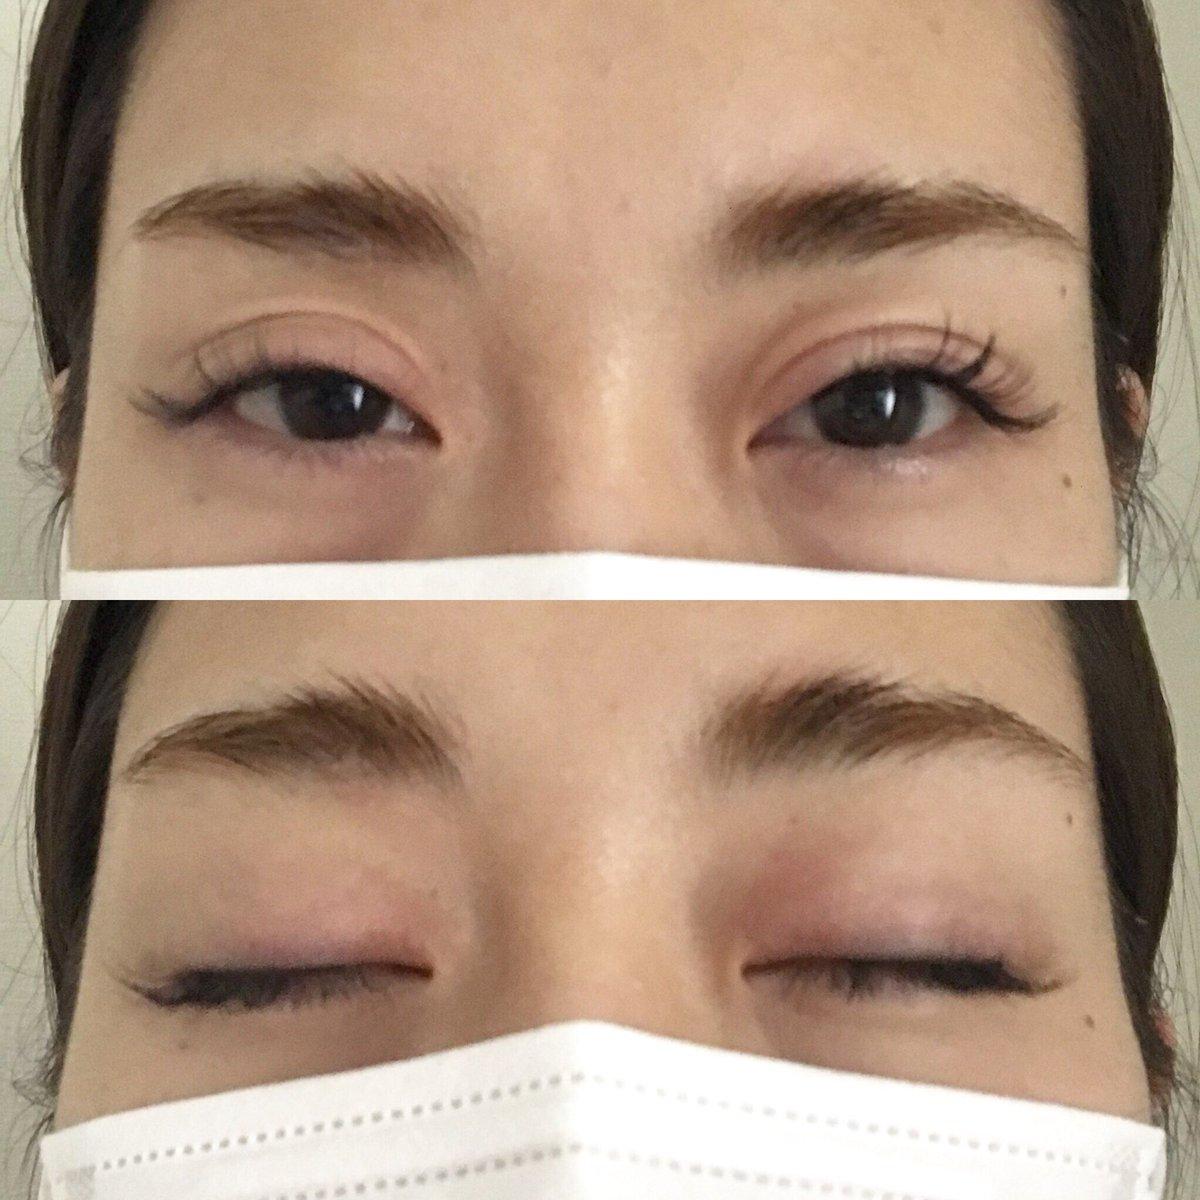 た 目 が とき 腫れ 目が腫れた!病気なのか見極める方法は?